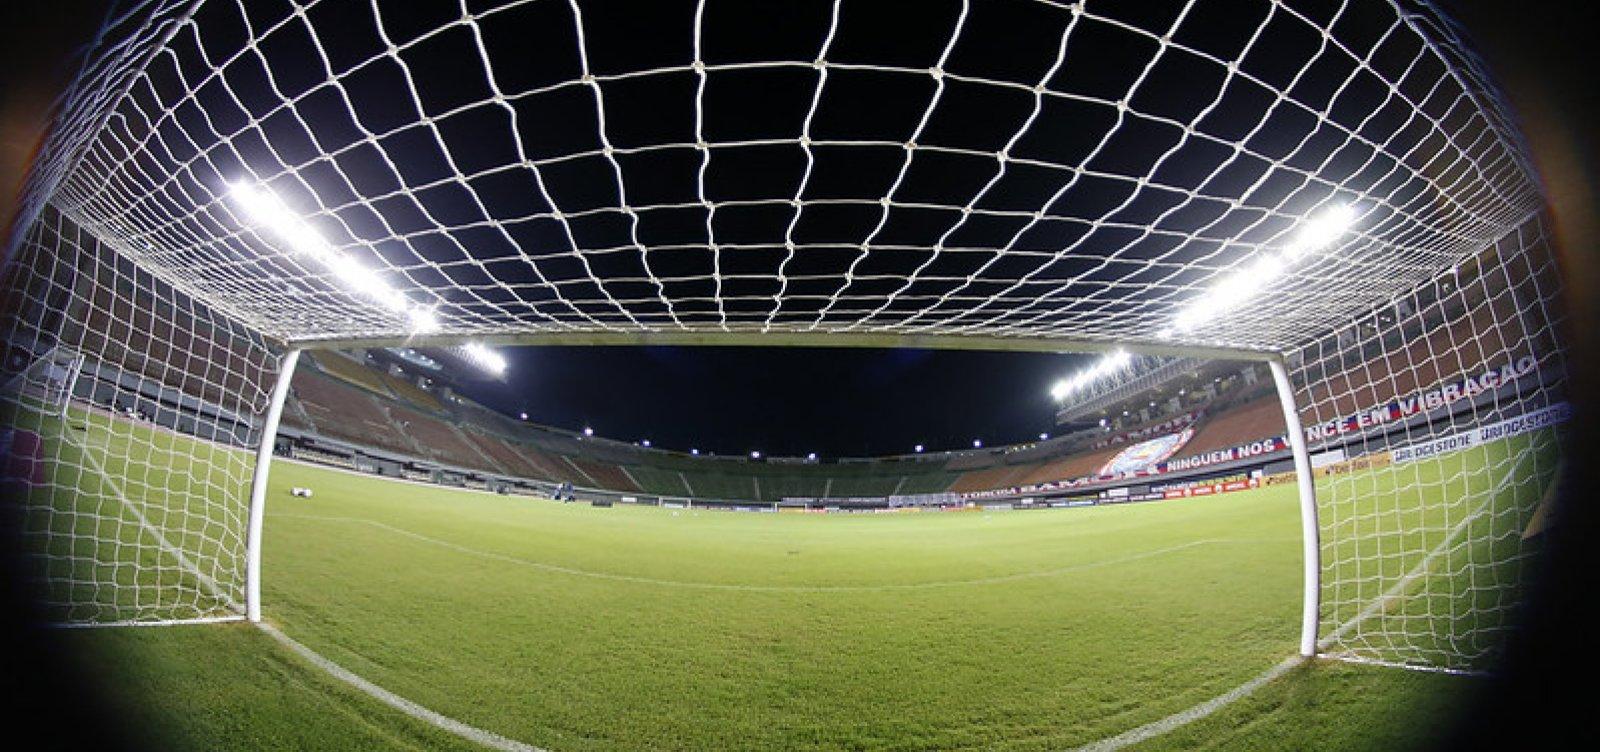 Conmebol 'cancela' adiamento e confirma jogo do Bahia nesta terça